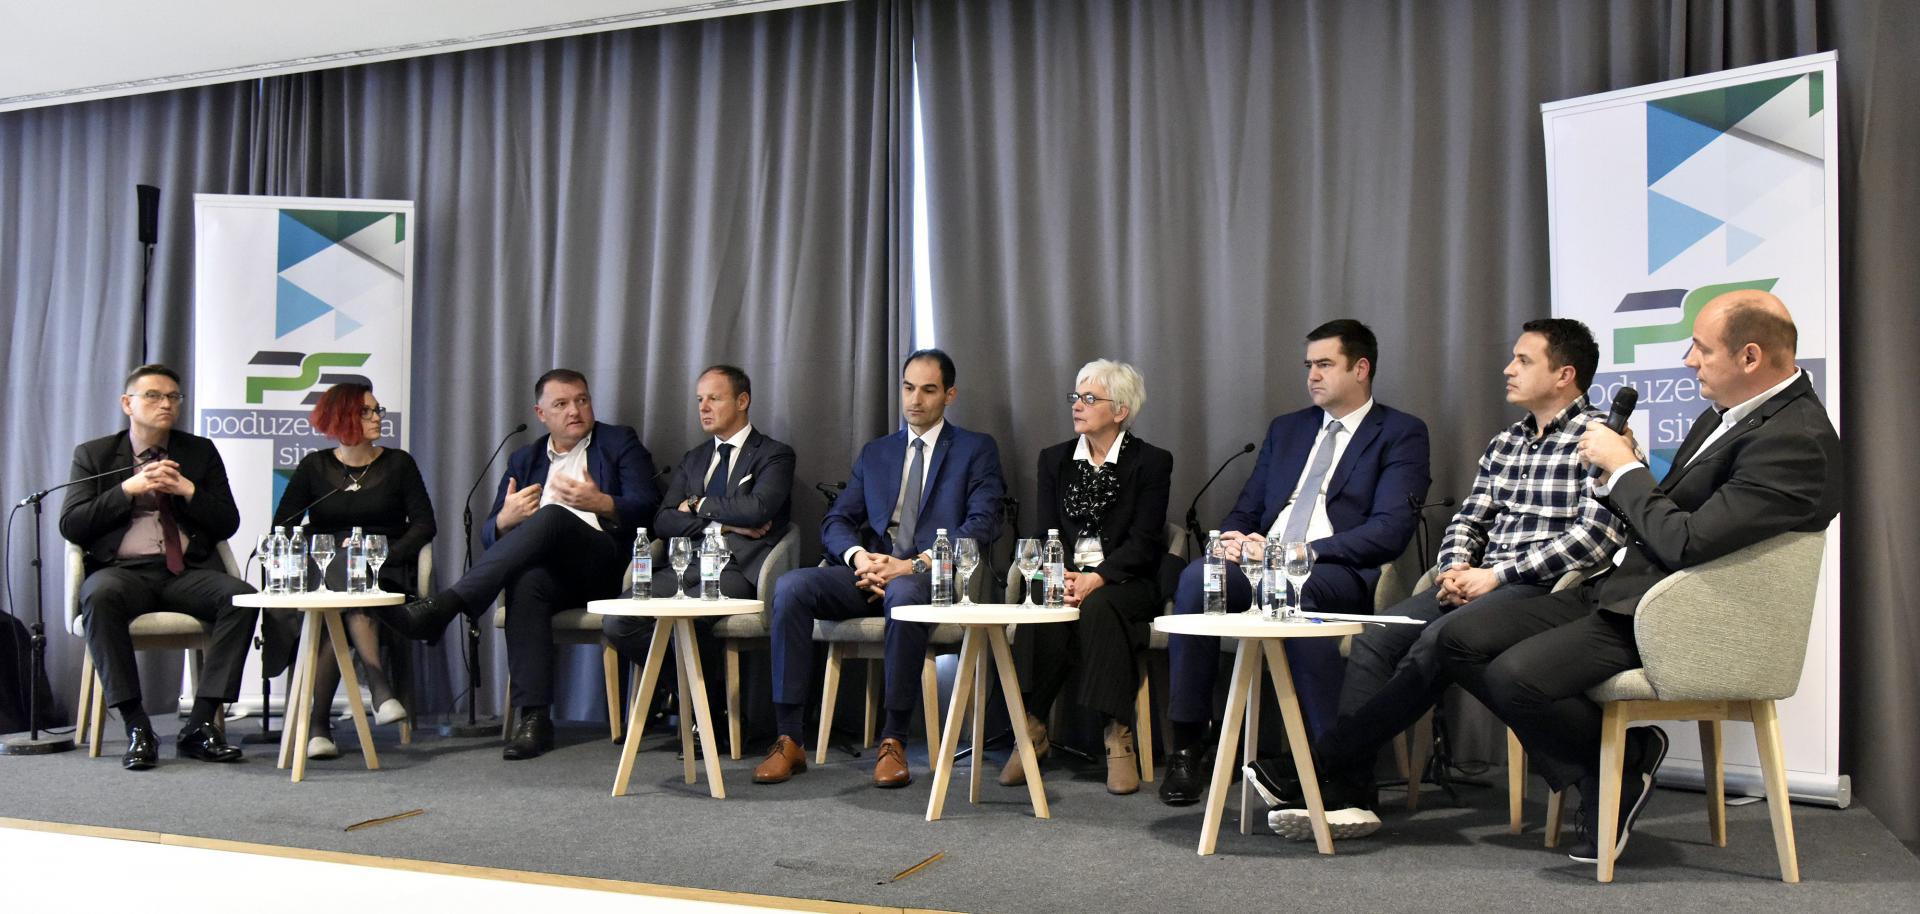 Sudionici panel-diskusije 'Poduzetnička sinergija' koja je održana u hotelu 'Salona Palace' u Solinu